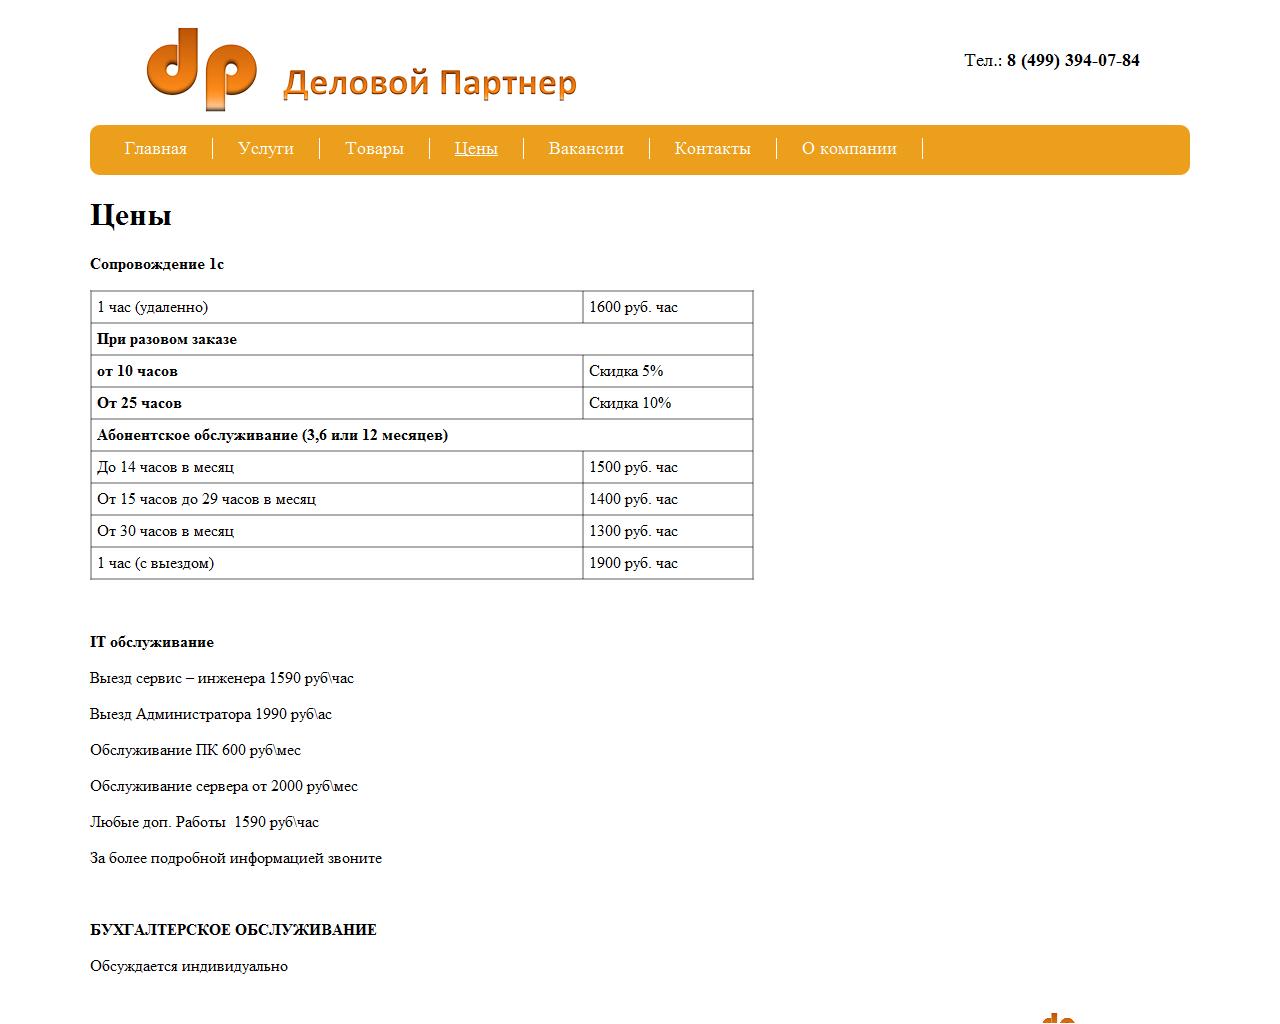 Компания «Деловой Партнер» Москва